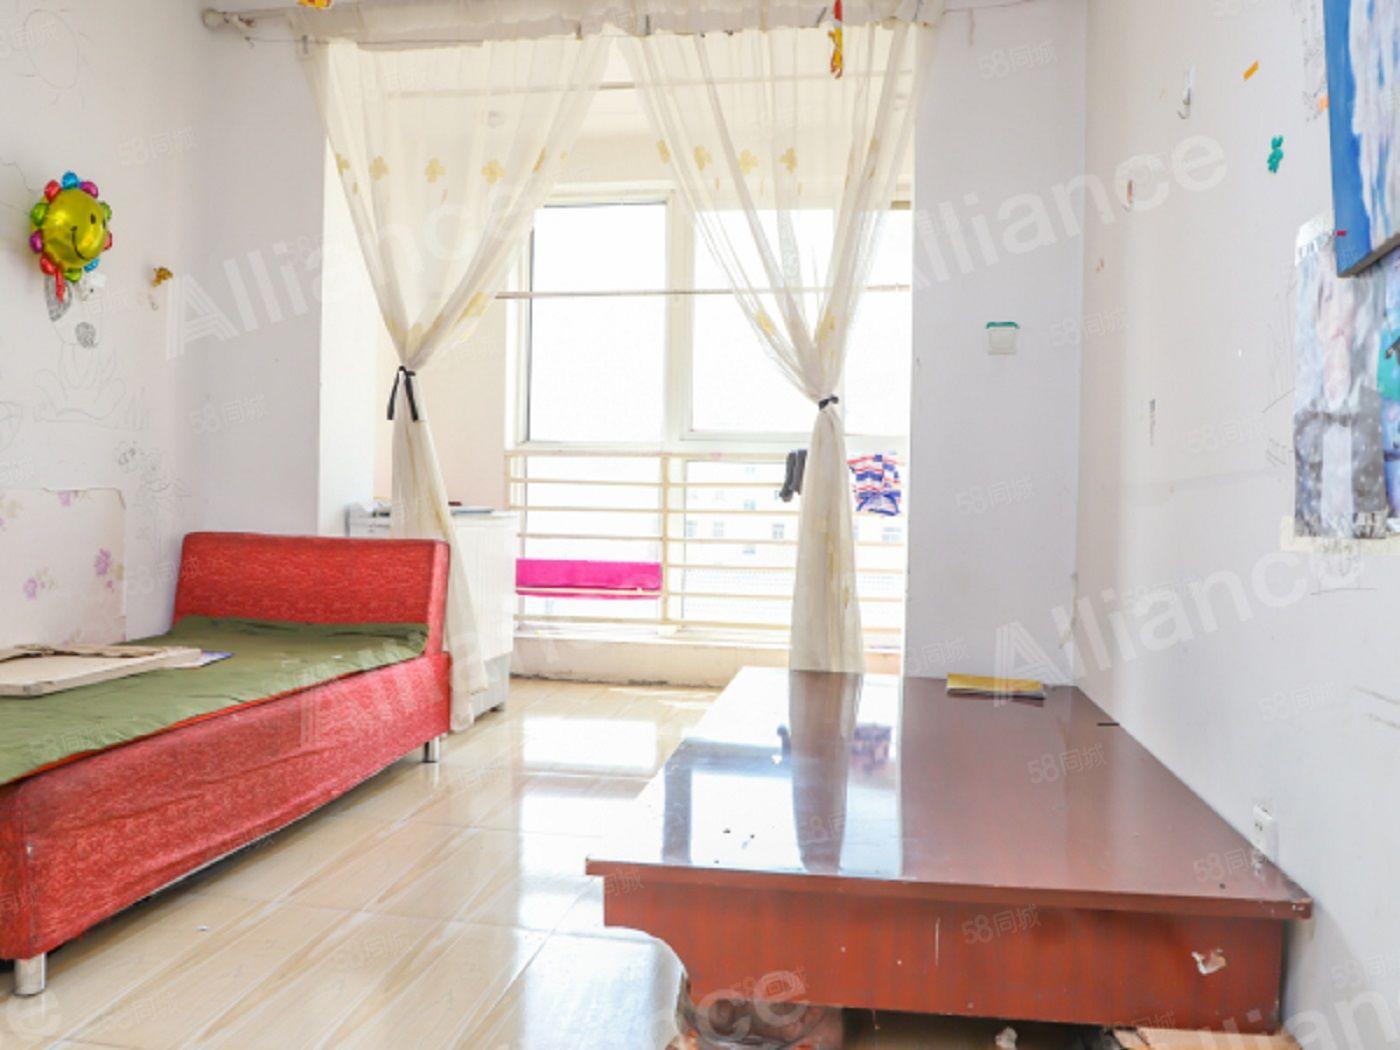 荣锦苑西区5楼小两居,底价32万,看房提前联系